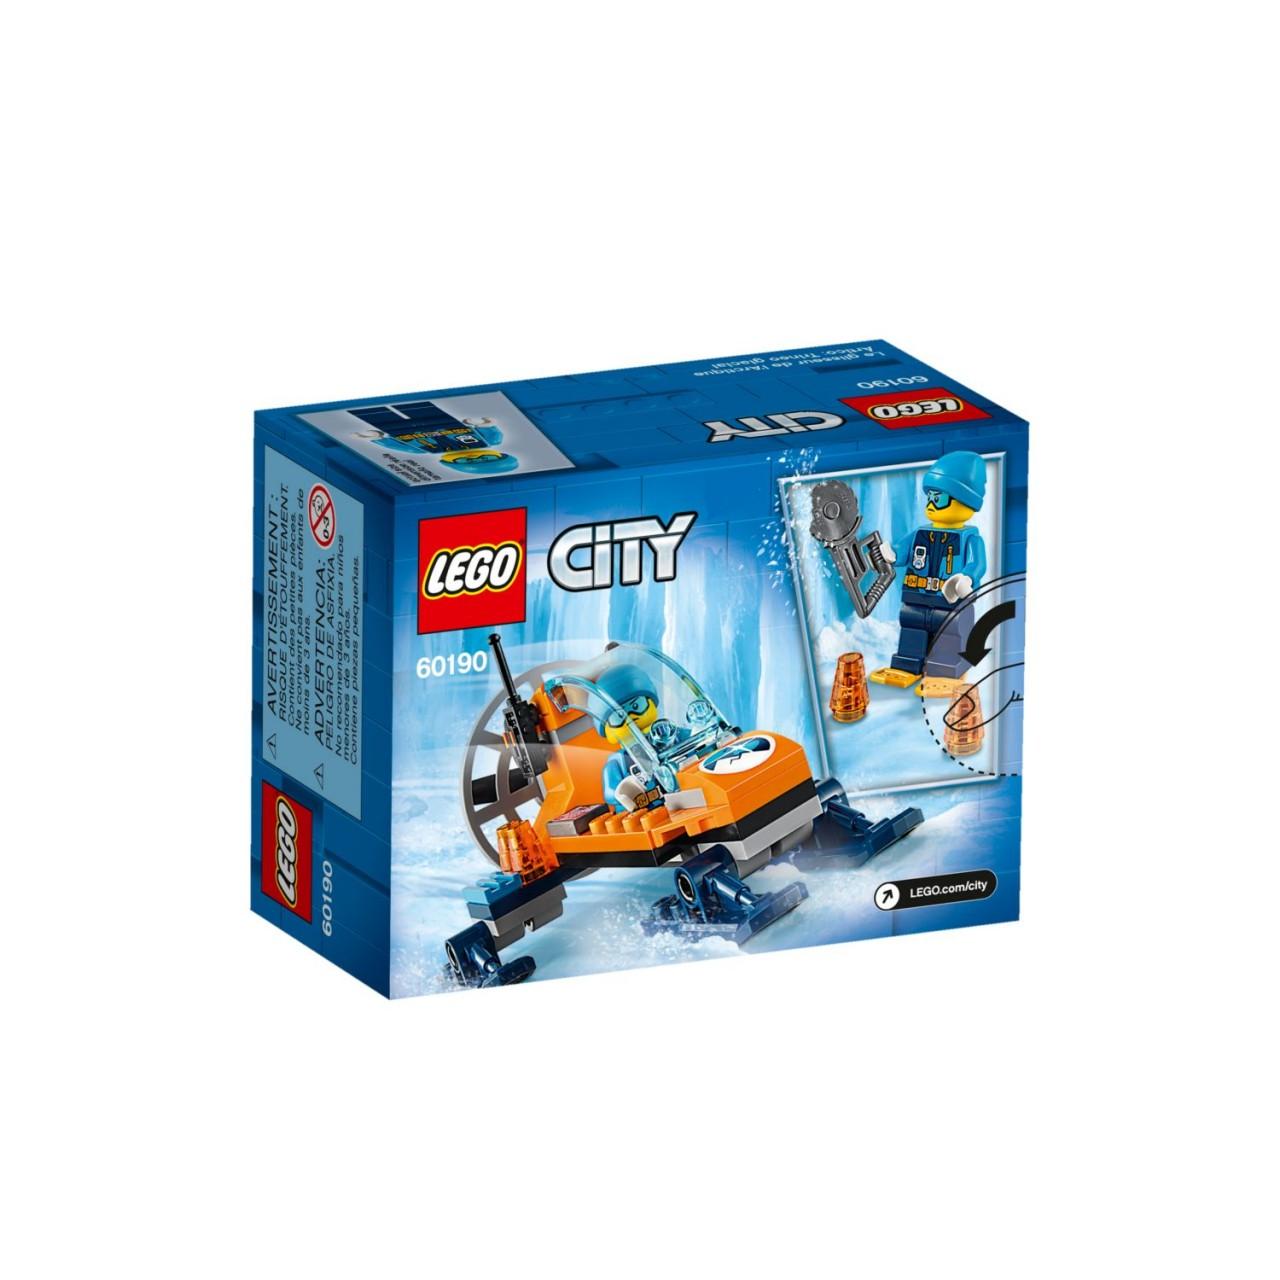 LEGO CITY 60190 Arktis-Eisgleiter